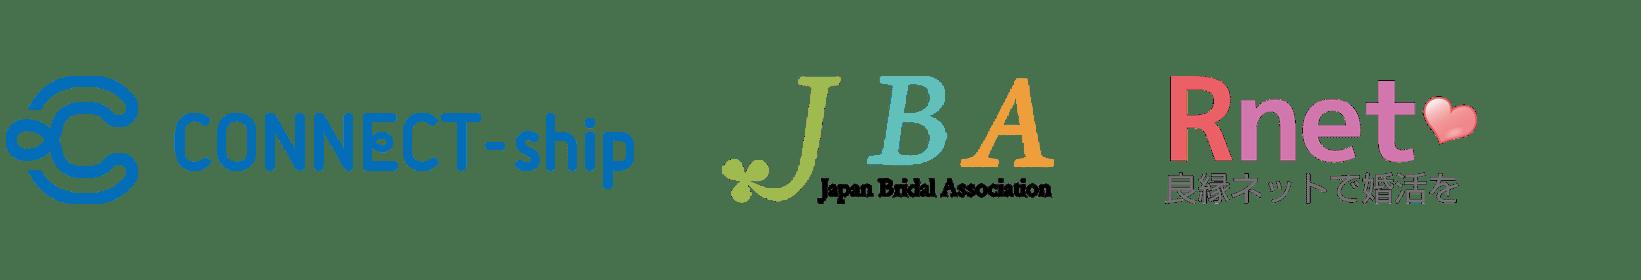 福岡の結婚相談所SPRINGはJBA、CONNECT-ship、良縁ネットに加入しています。